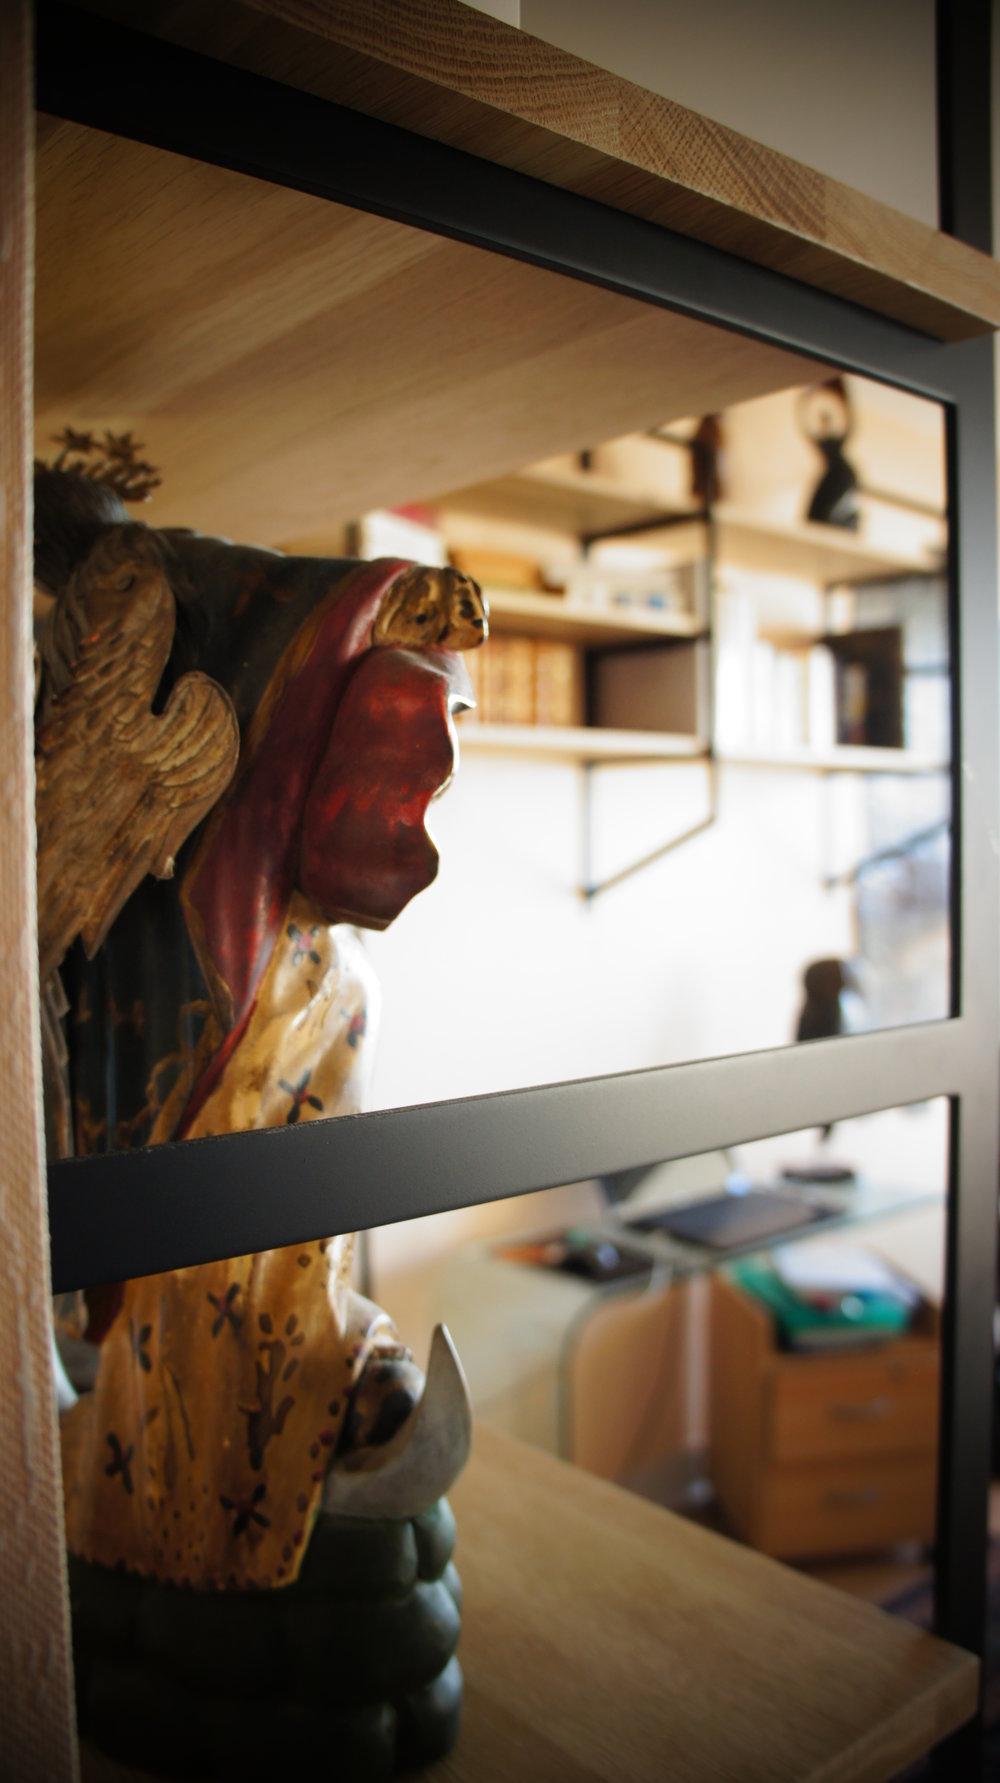 angers-décorateur-angers-design-sur mesure-agencement-vintage-scandinave-angers-acier-bois-brocante-référencé-etude 3d-meuble-bibilothèque-année70-année60-année50 (8).JPG